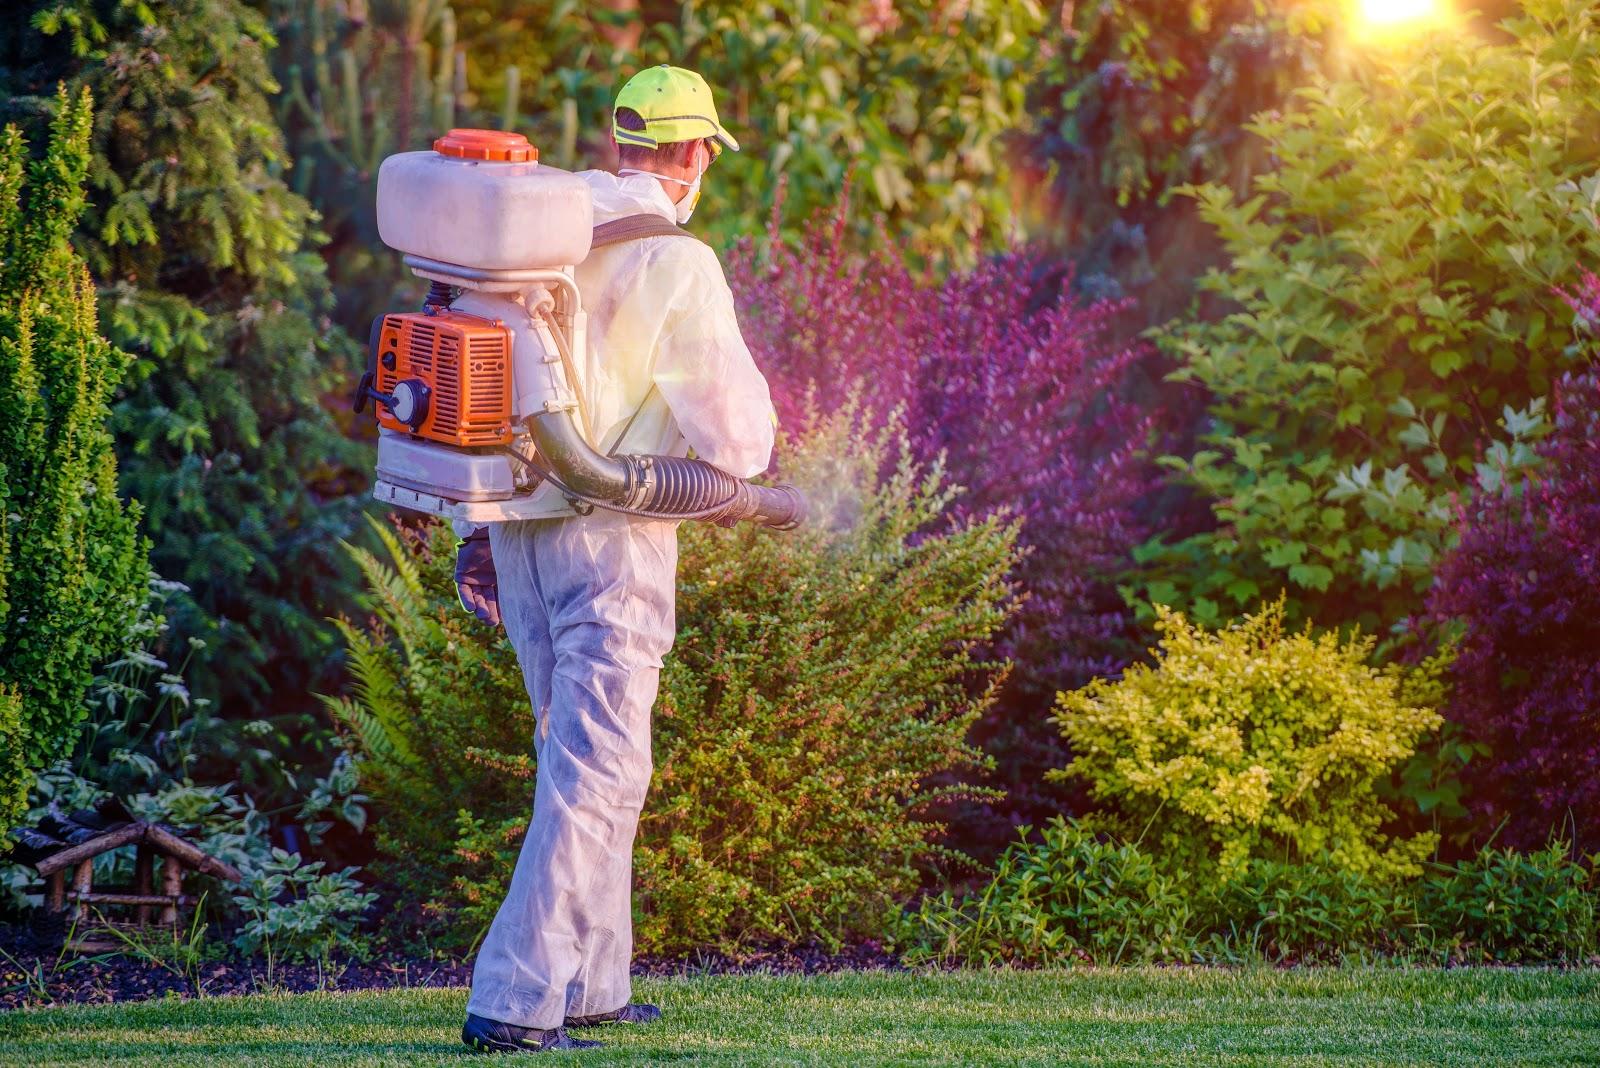 Um dedetizador exterminando pragas de um jardim.